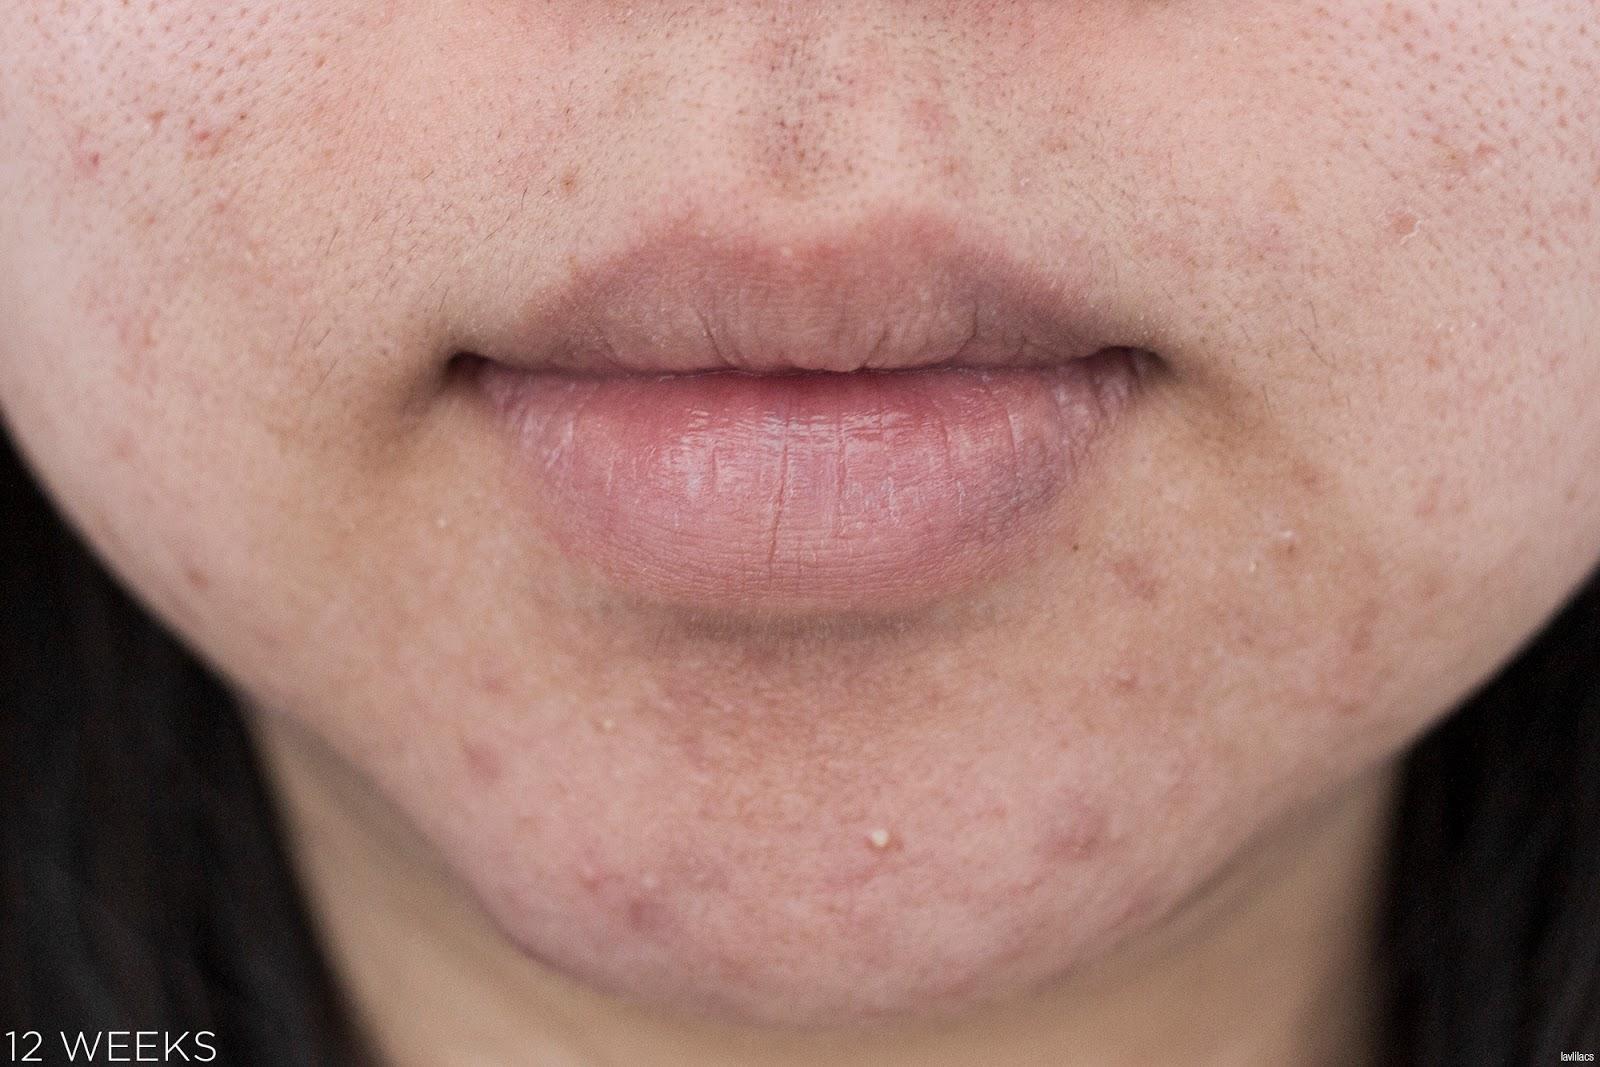 tria Hair Removal Laser Facial Hair 12 Weeks Closeup